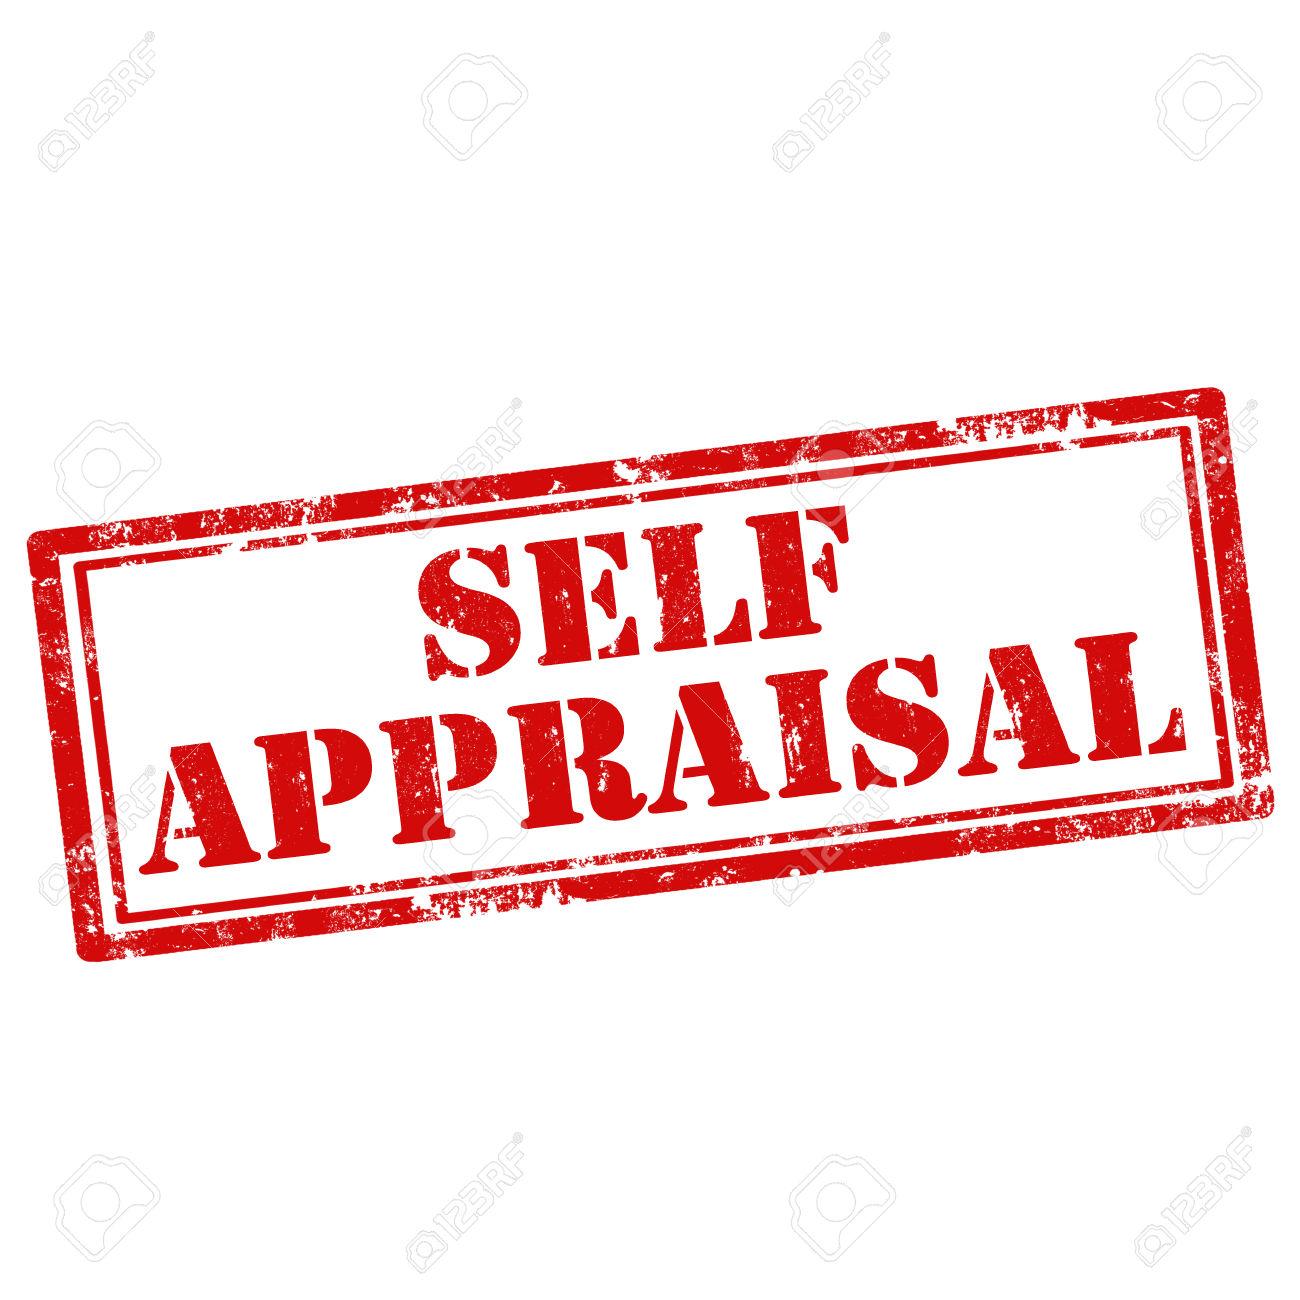 Appraisal clipart #4